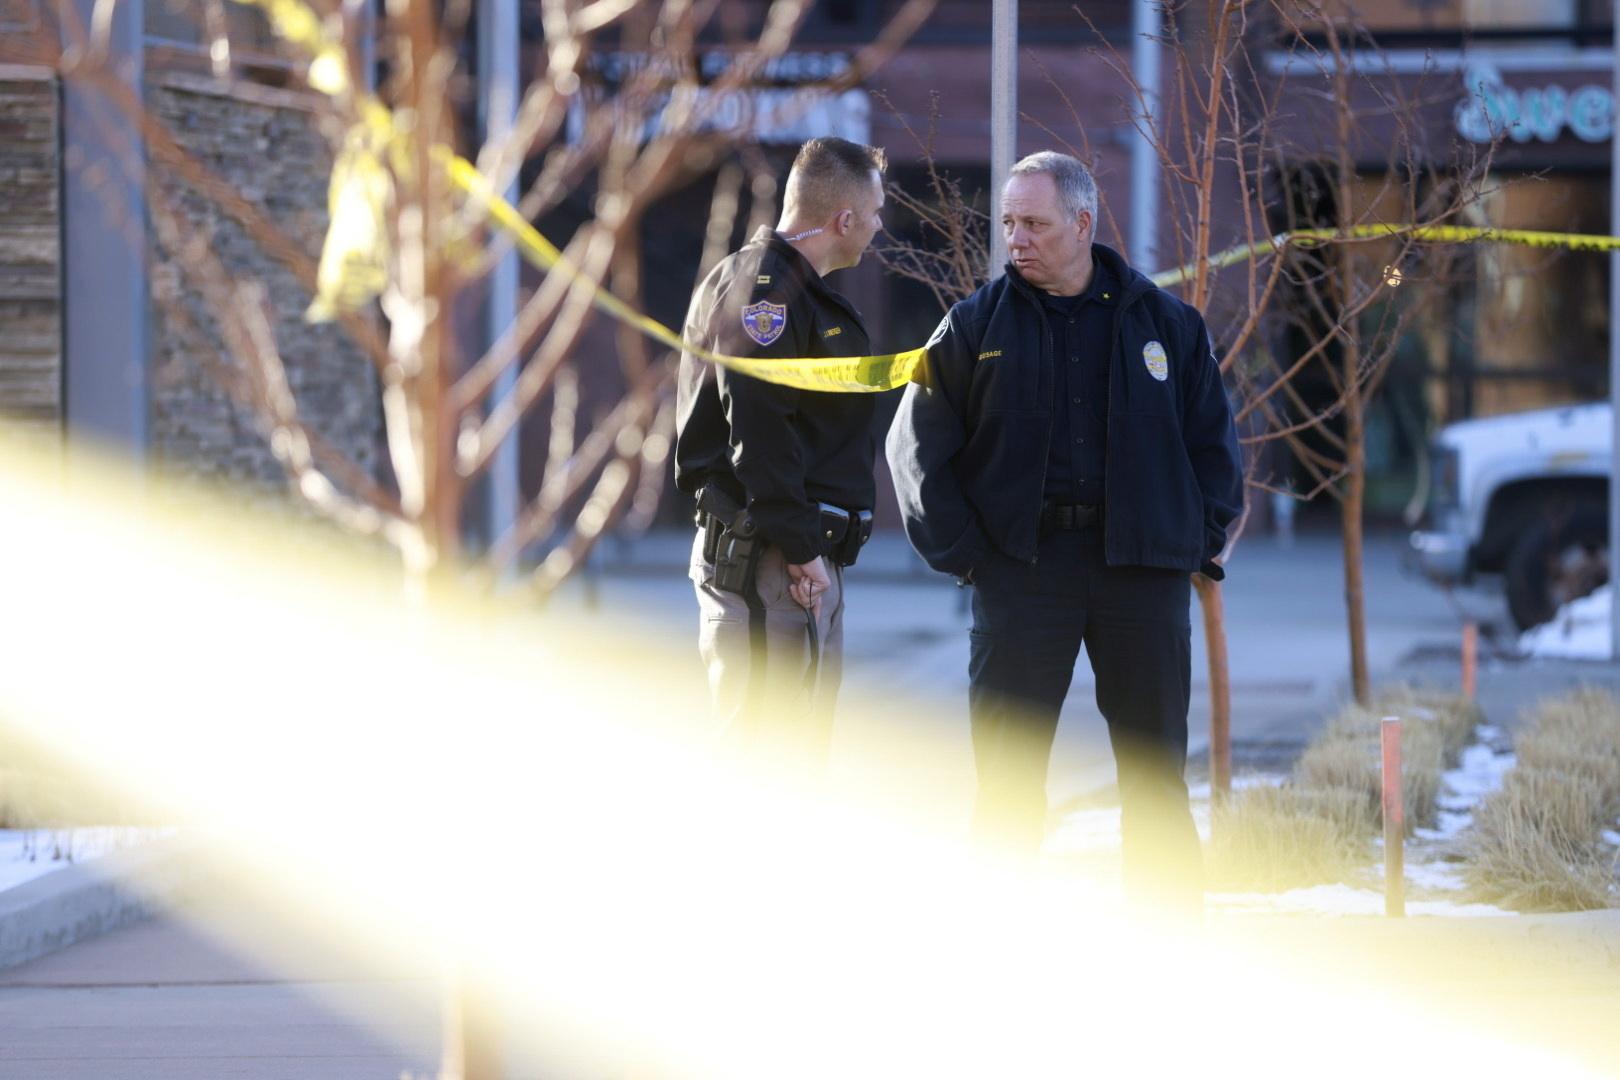 إصابات عدة خلال إطلاق نار بولاية واشنطن